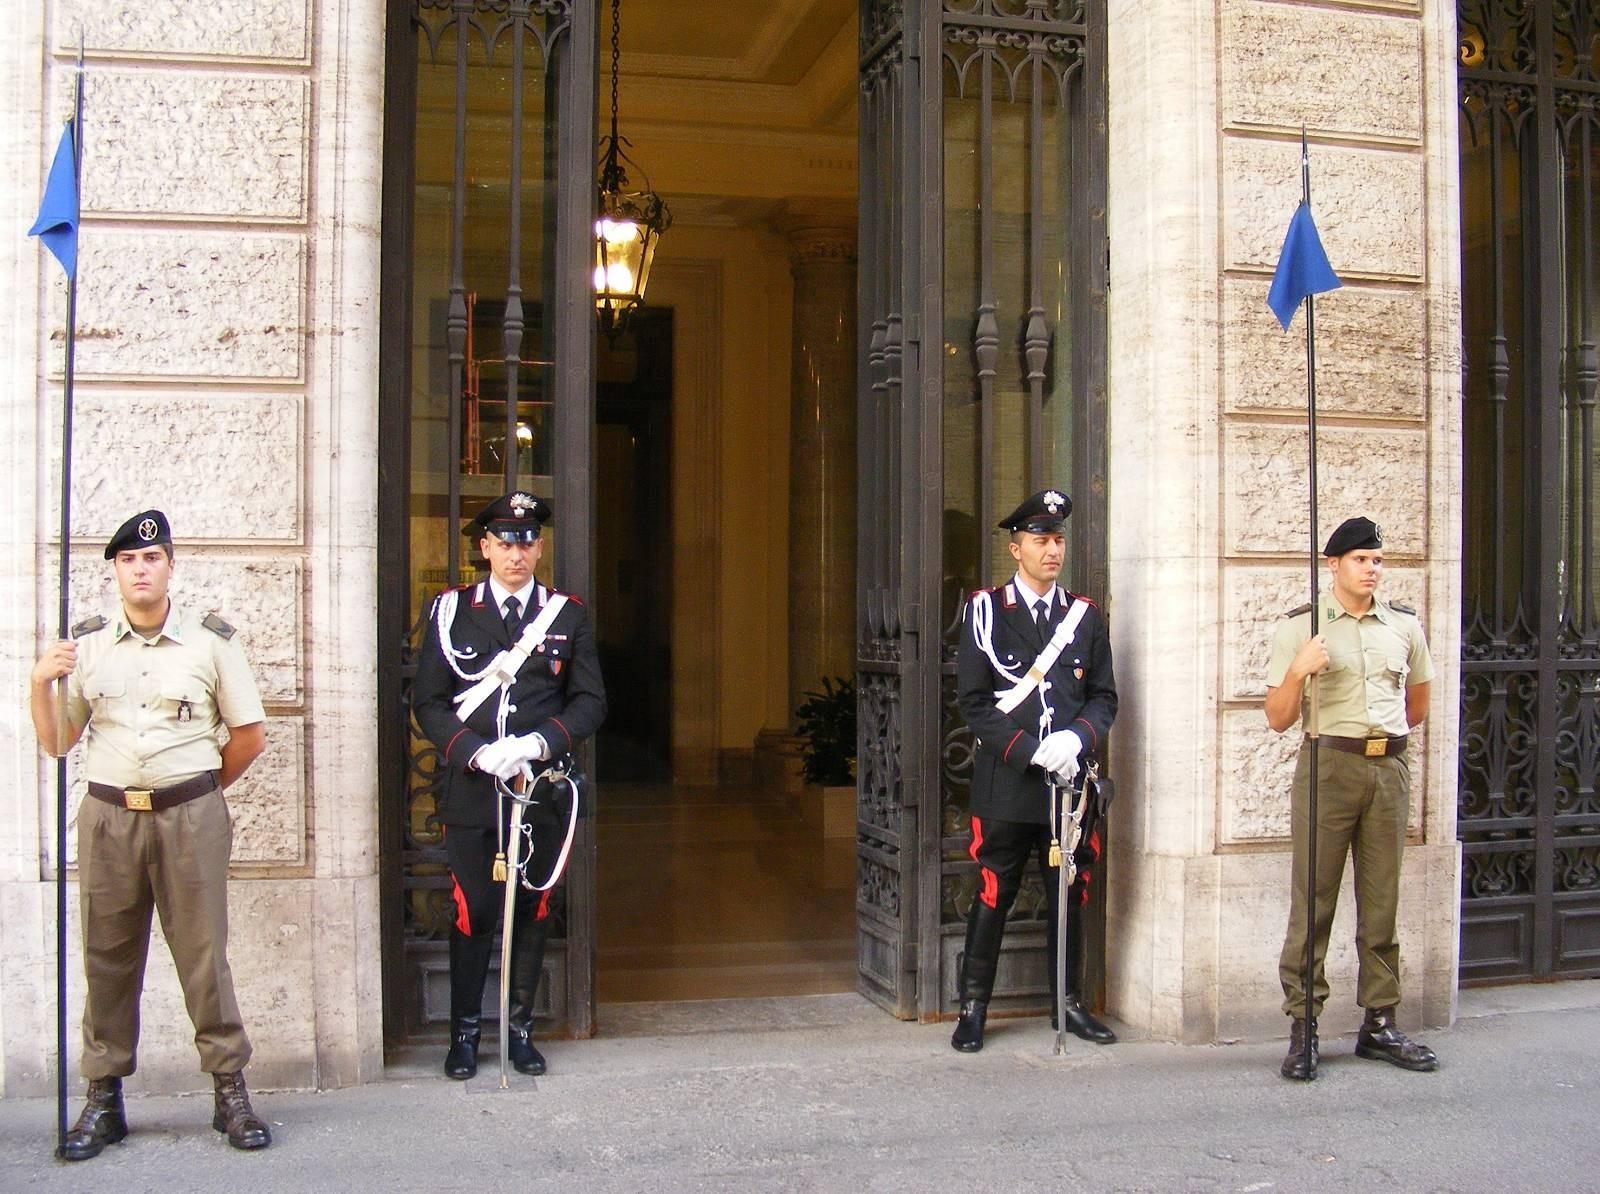 Ispred palate Madamma, sedišta inatlijanskog Senata. Karabinjeri i kolege kopljanici